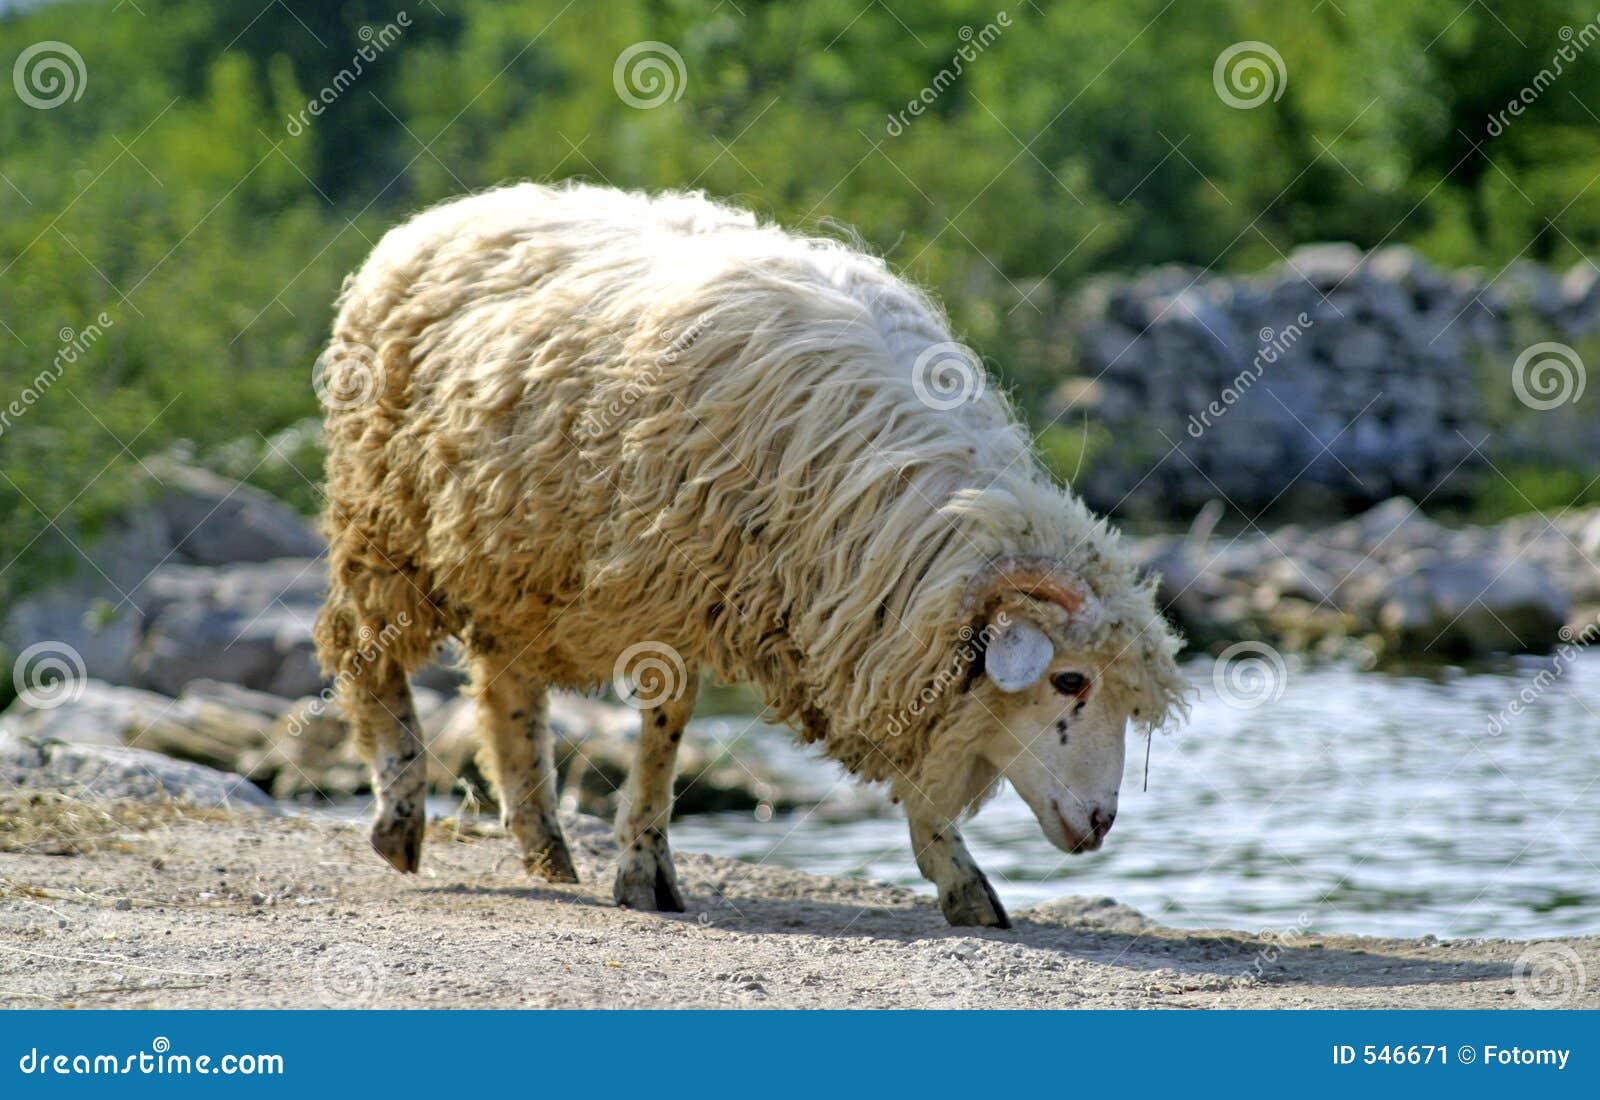 Download 饮用的湖绵羊水 库存图片. 图片 包括有 乡下, 有机, 饮料, 食物, 国家(地区), 羊羔, 痛苦, 家畜 - 546671